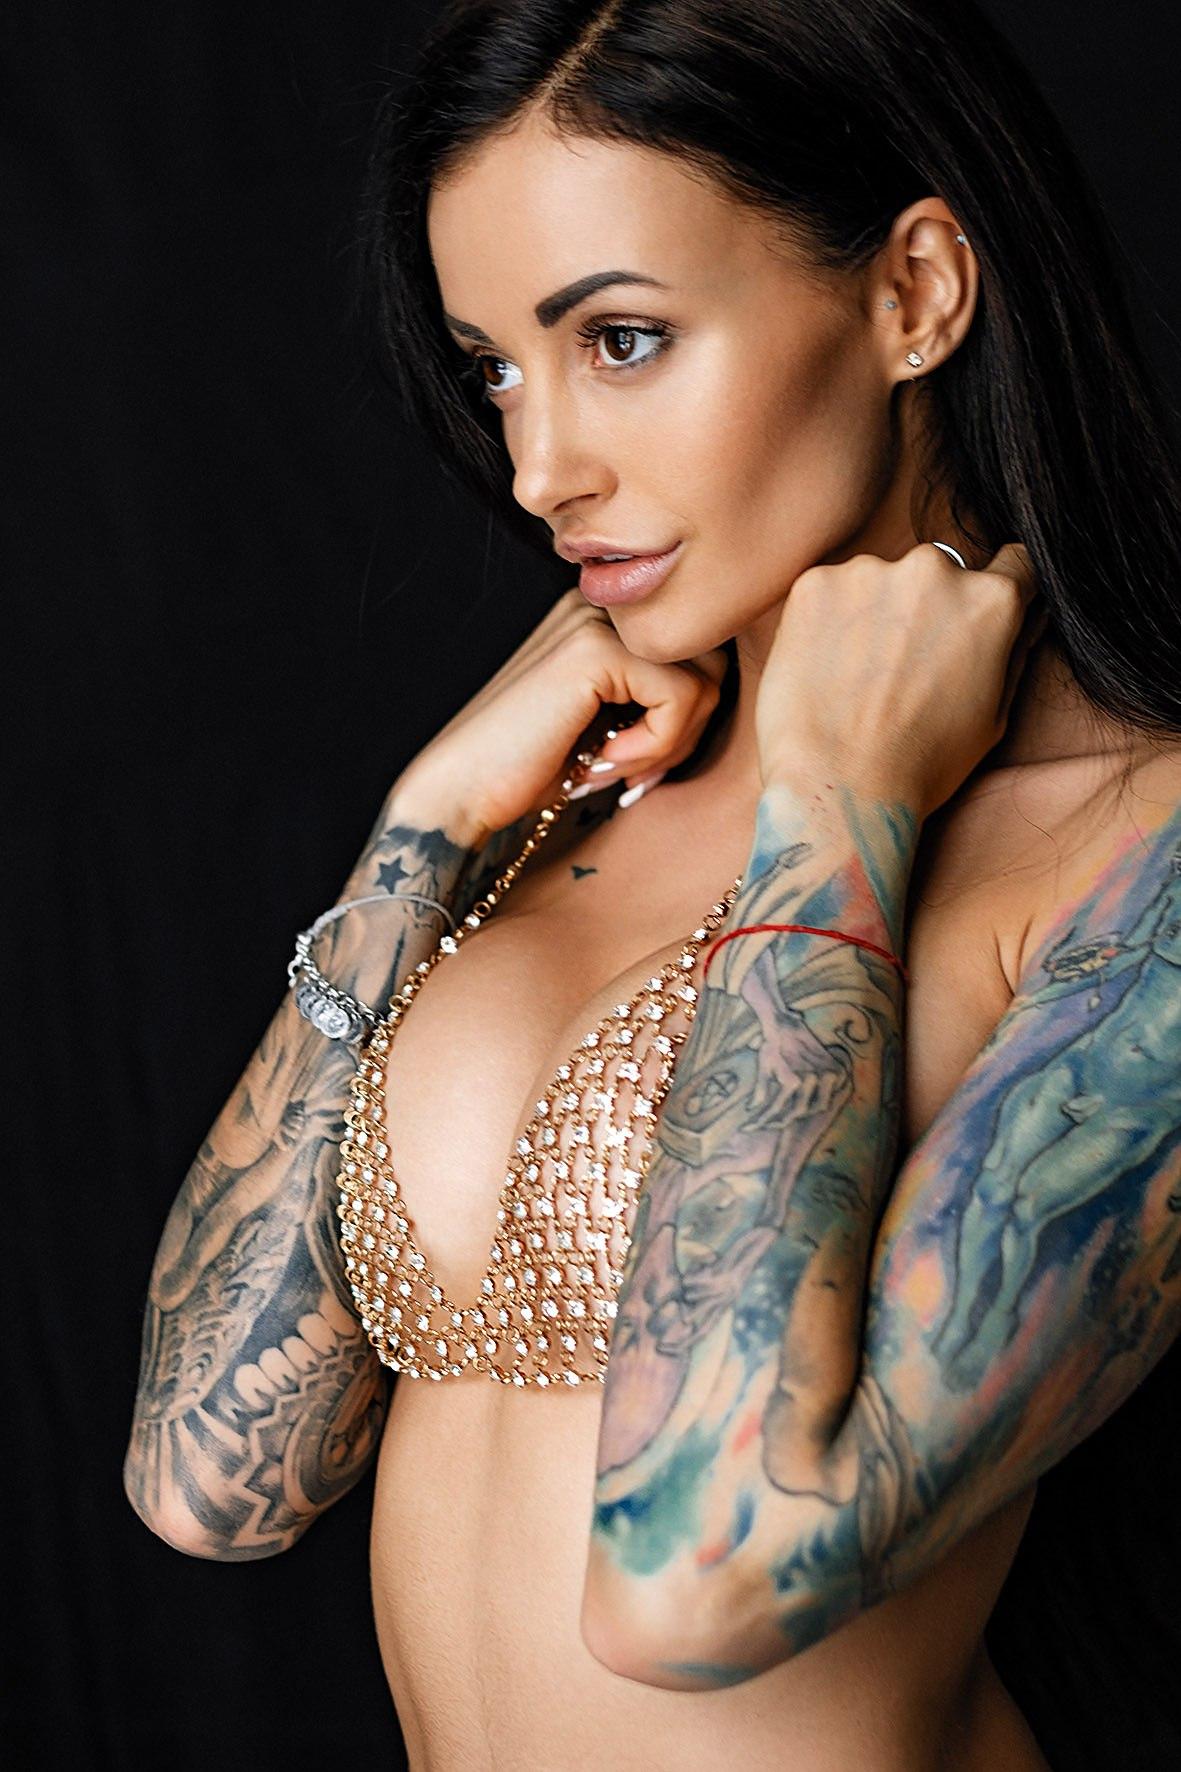 boob-tattoo-gallery